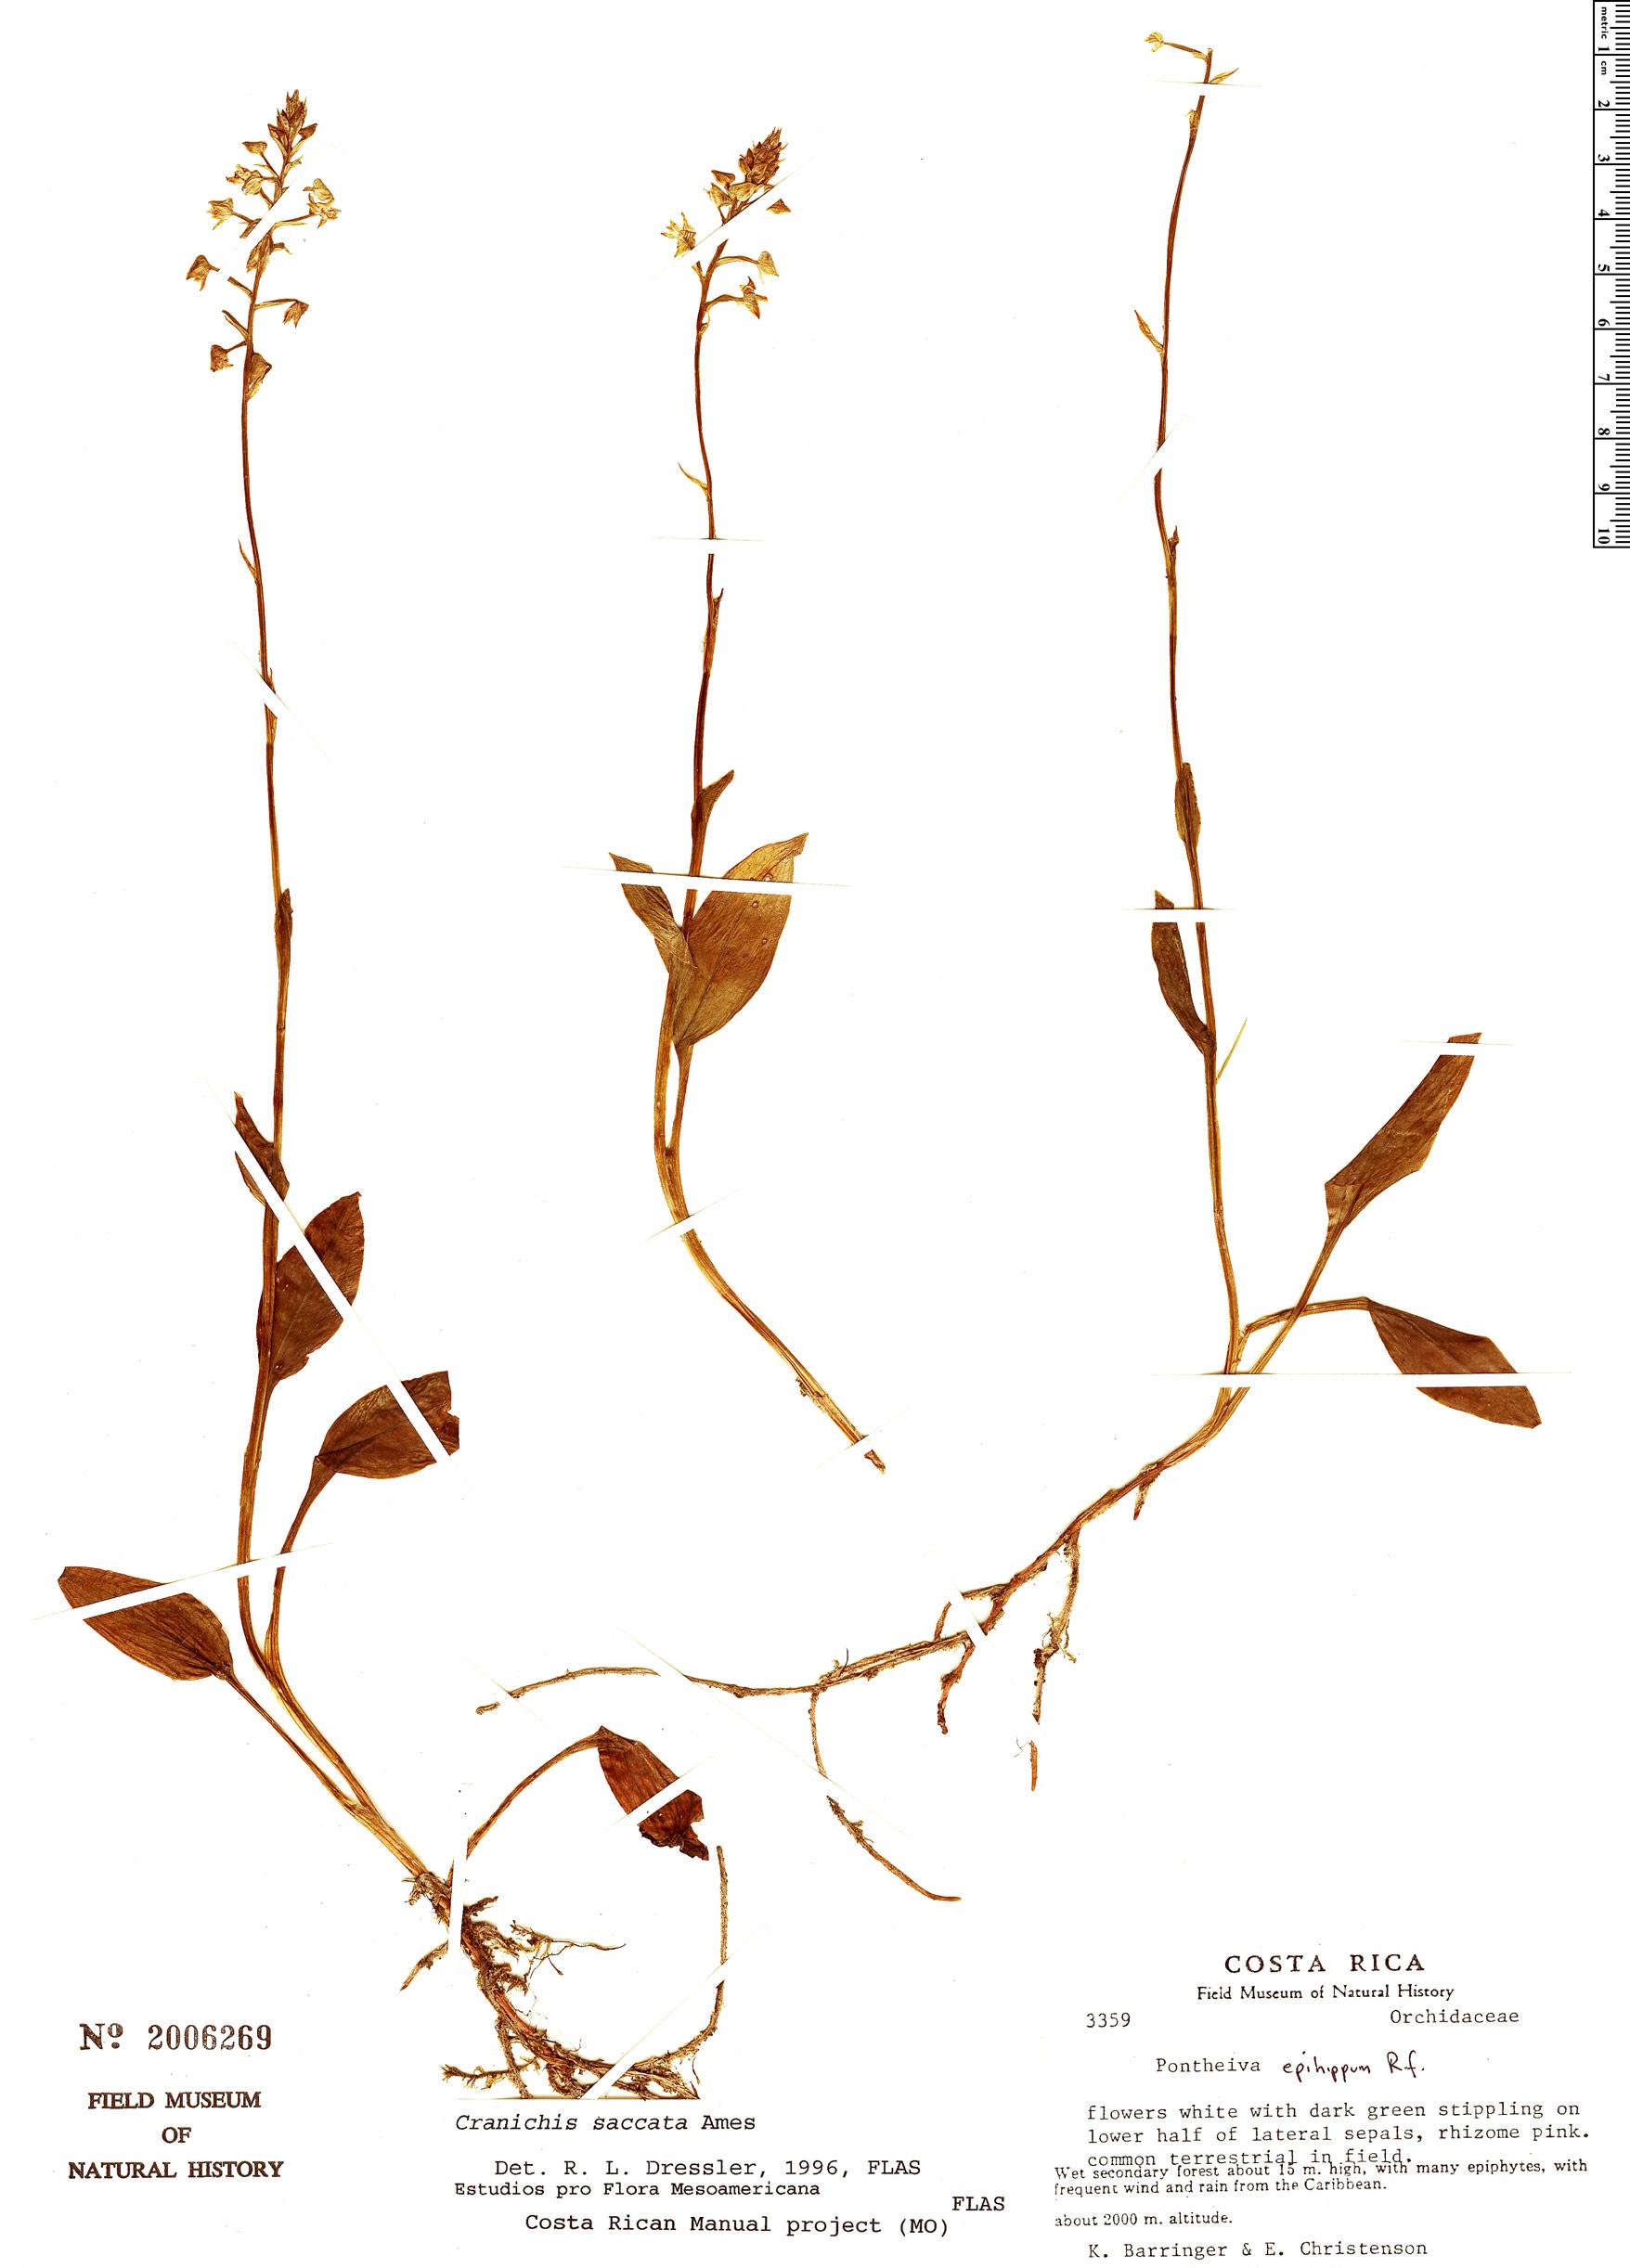 Specimen: Cranichis saccata